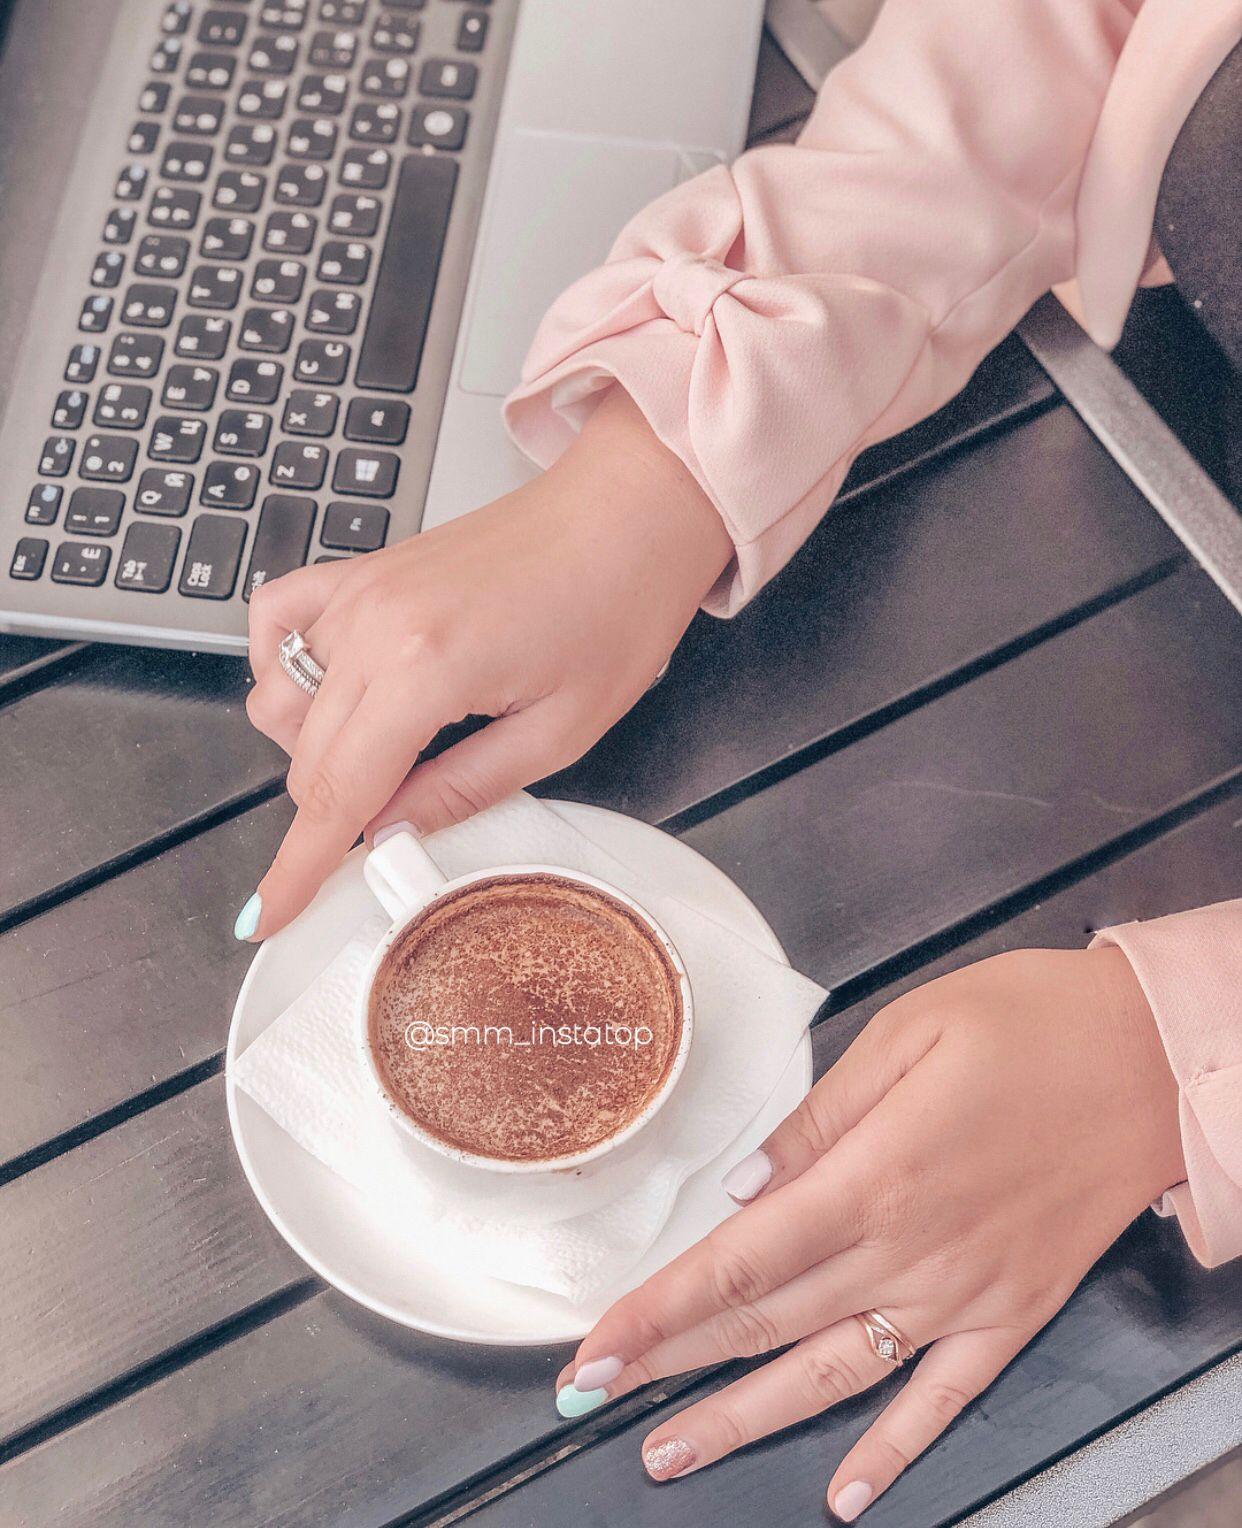 Работа девушка модель рук модели онлайн комсомольск на амуре